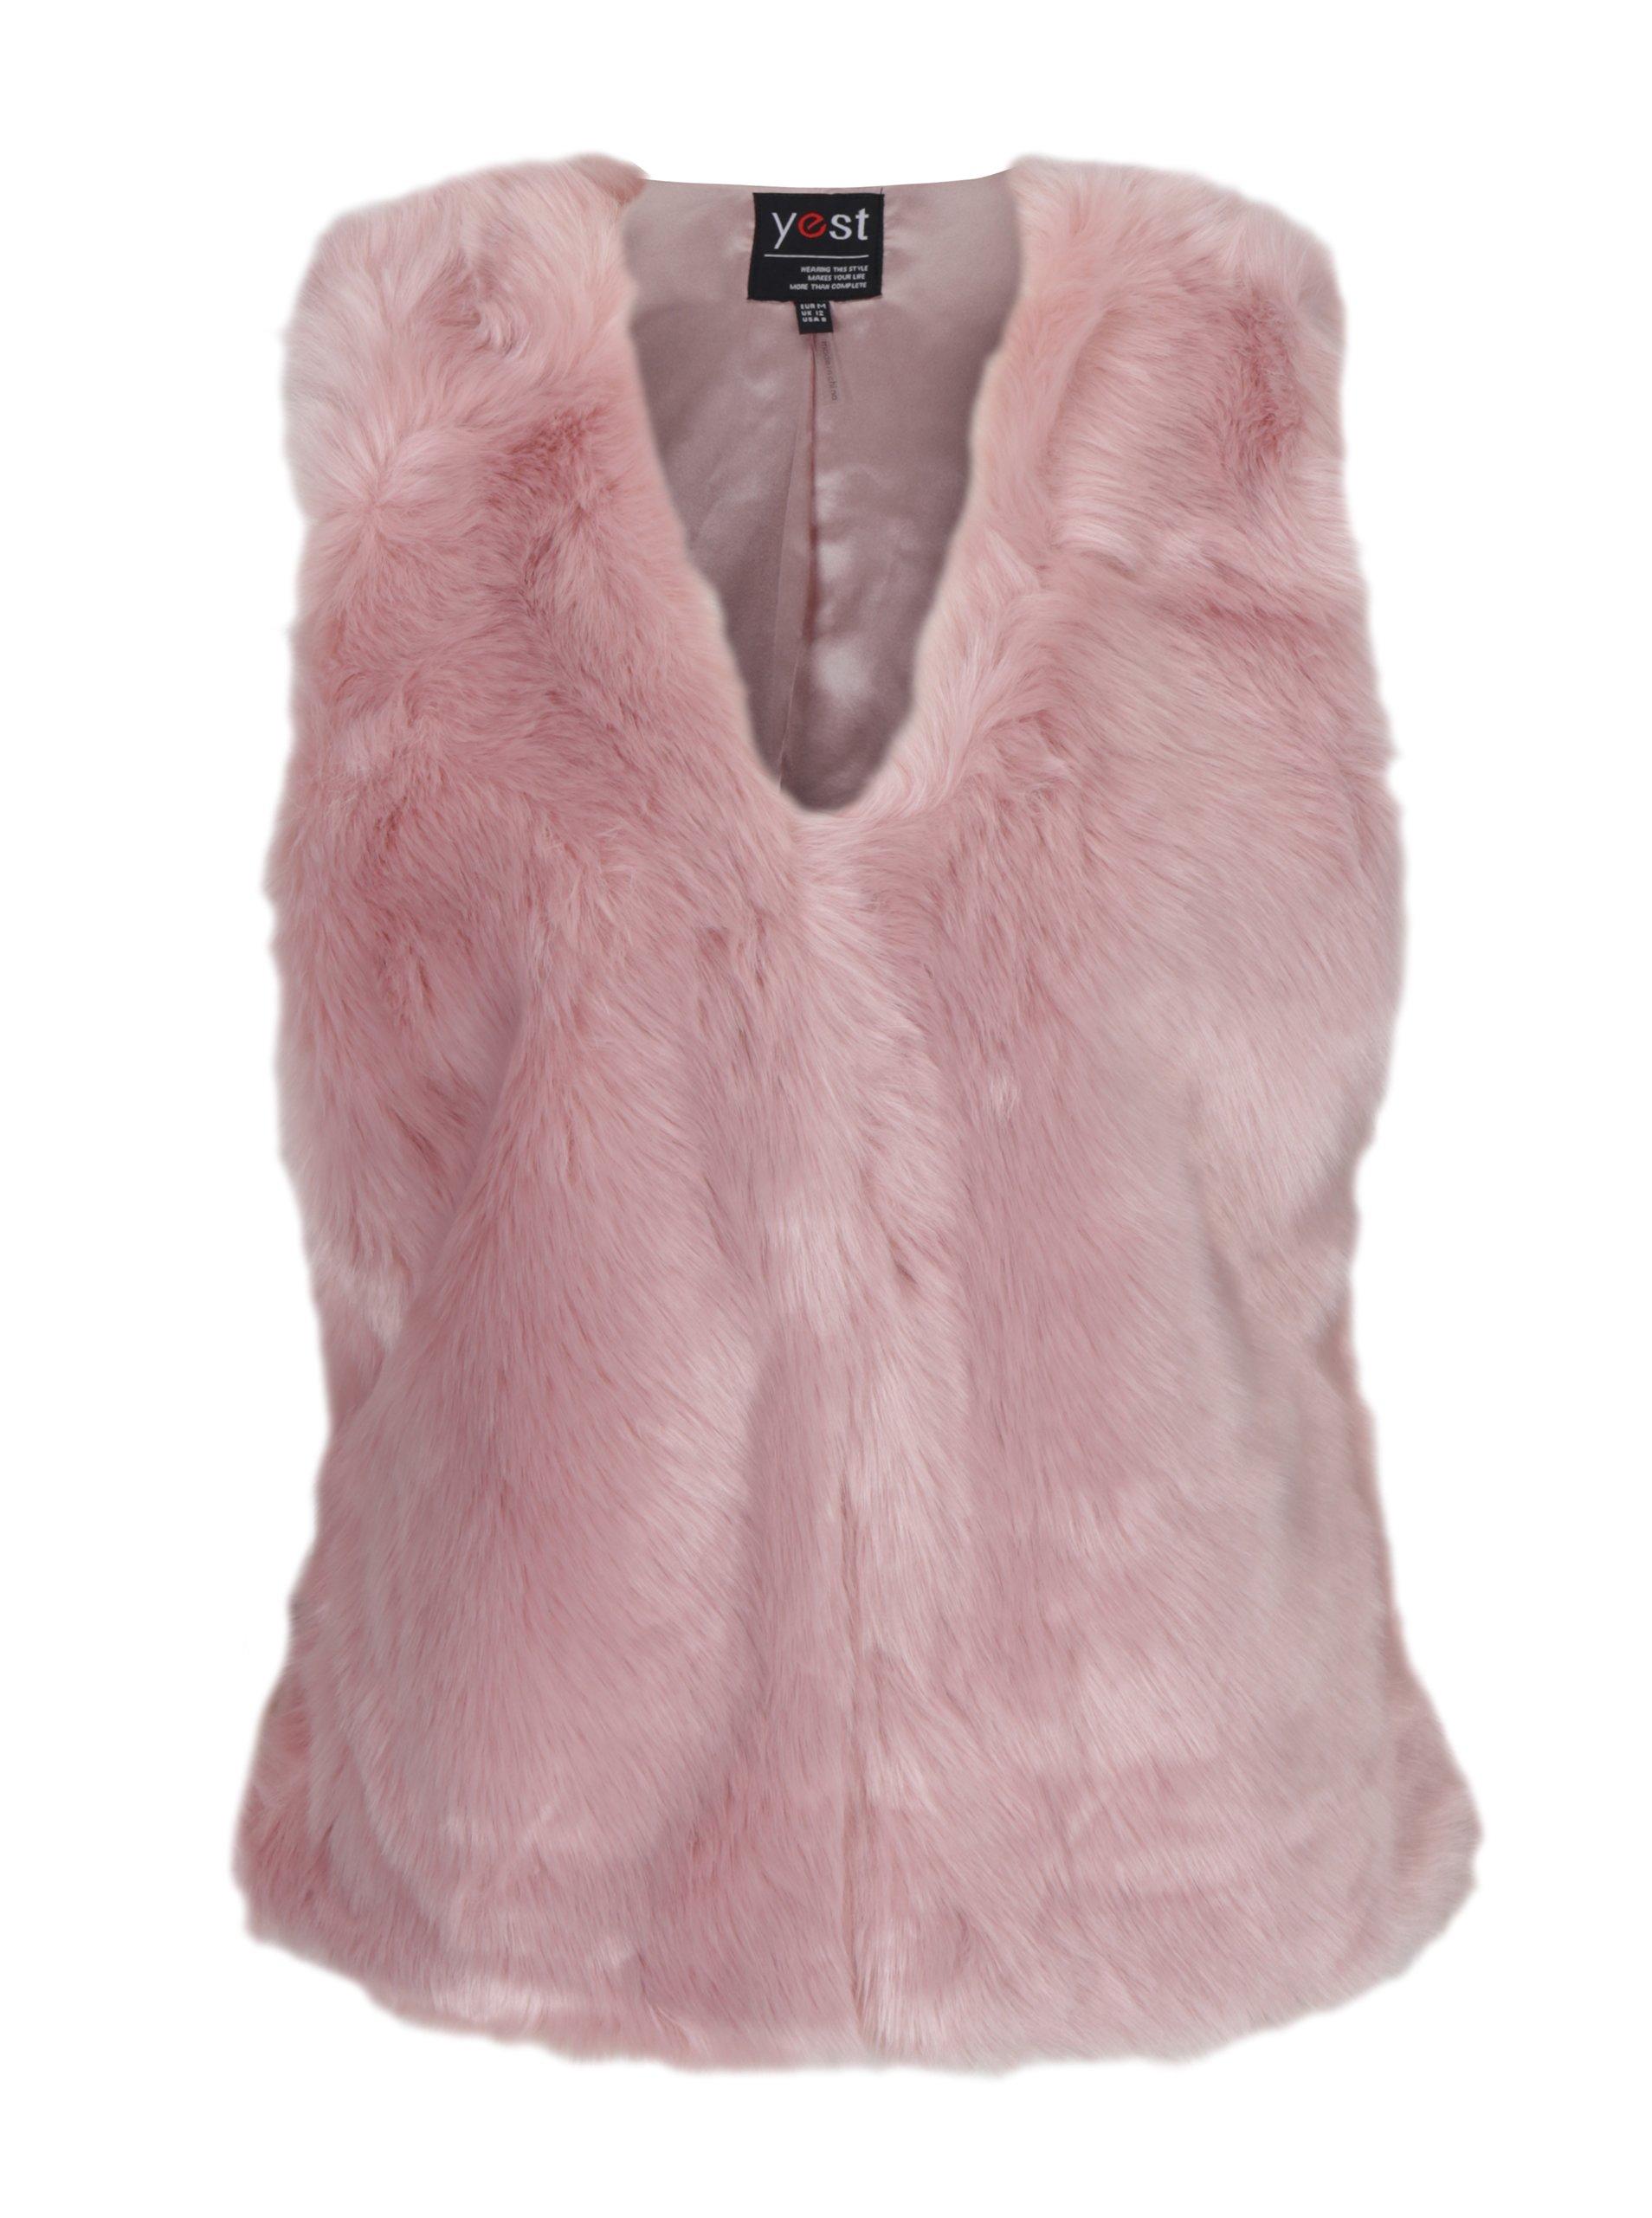 Růžová vesta z umělé kožešiny Yest